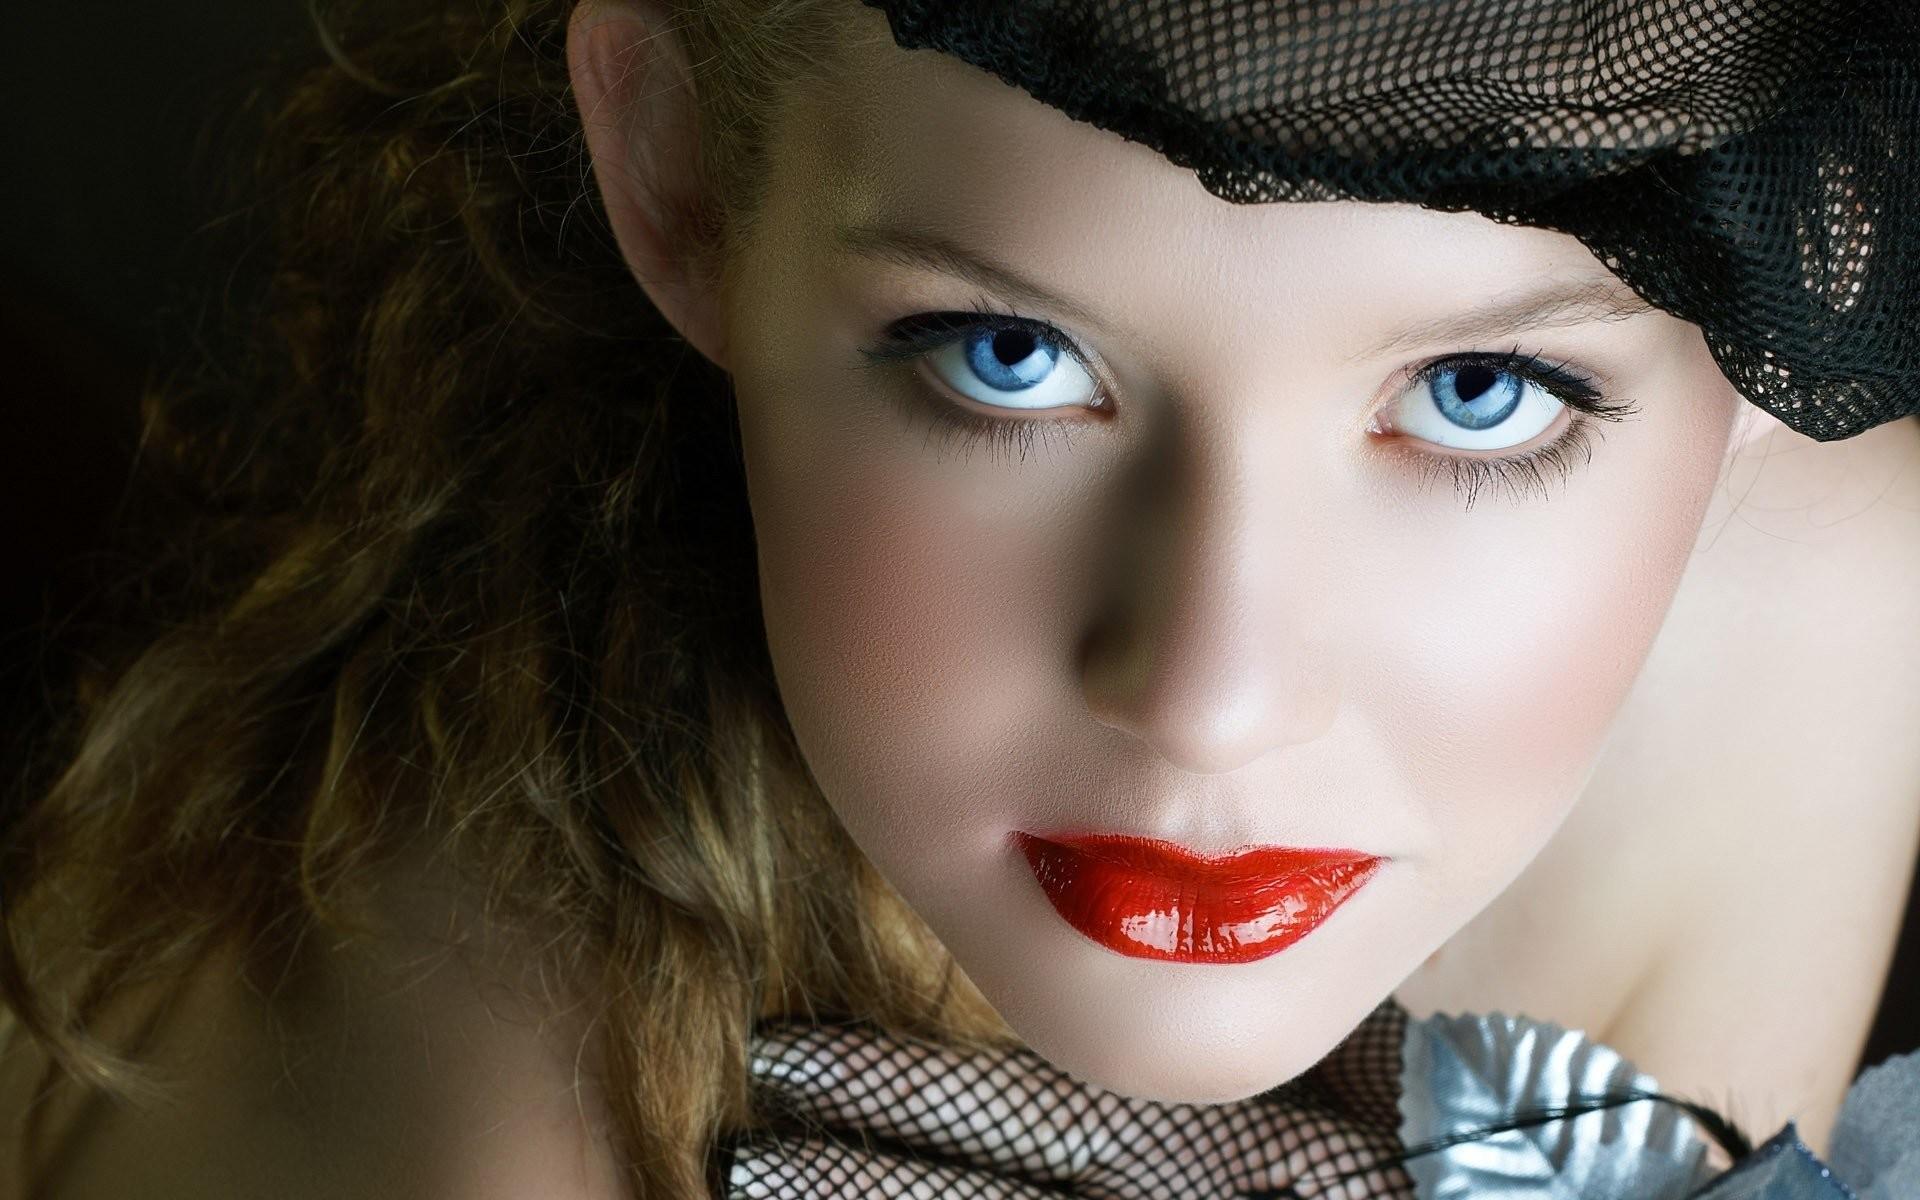 pic Pretty face